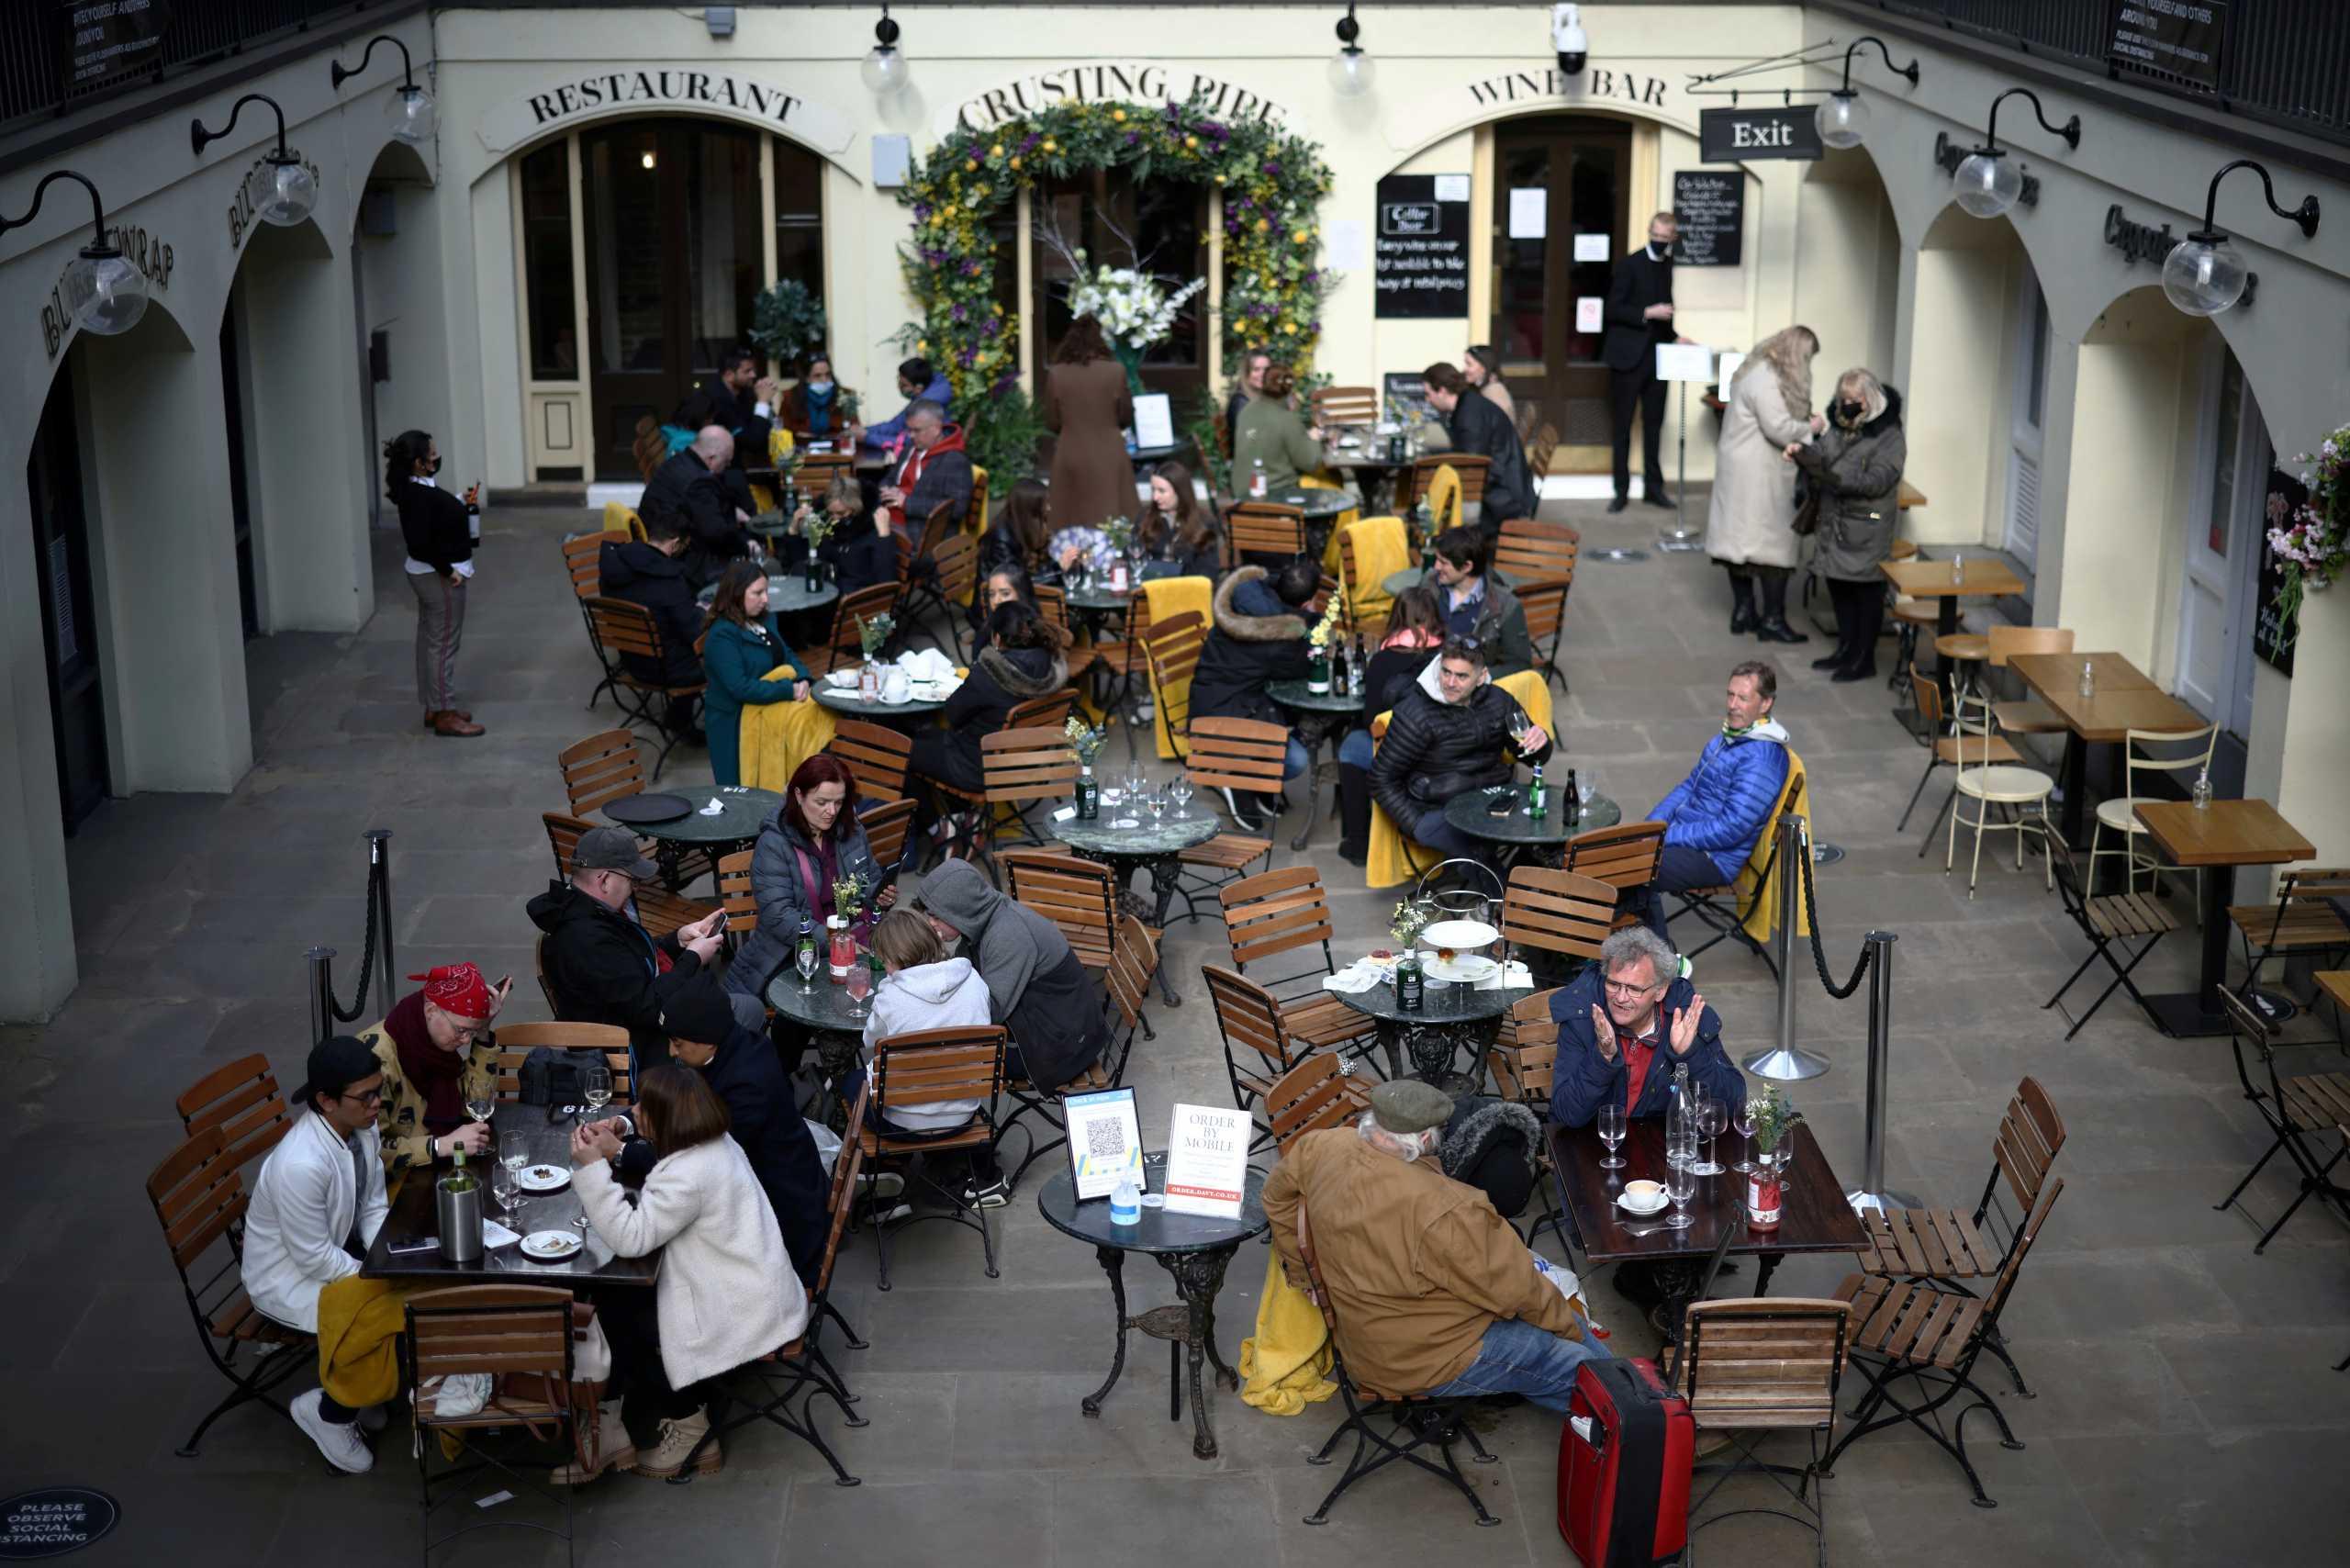 Βρετανία: Χαλαρώνουν και άλλο τα μέτρα για τον κορονοϊό – Αναμένονται ανακοινώσεις Τζόνσον